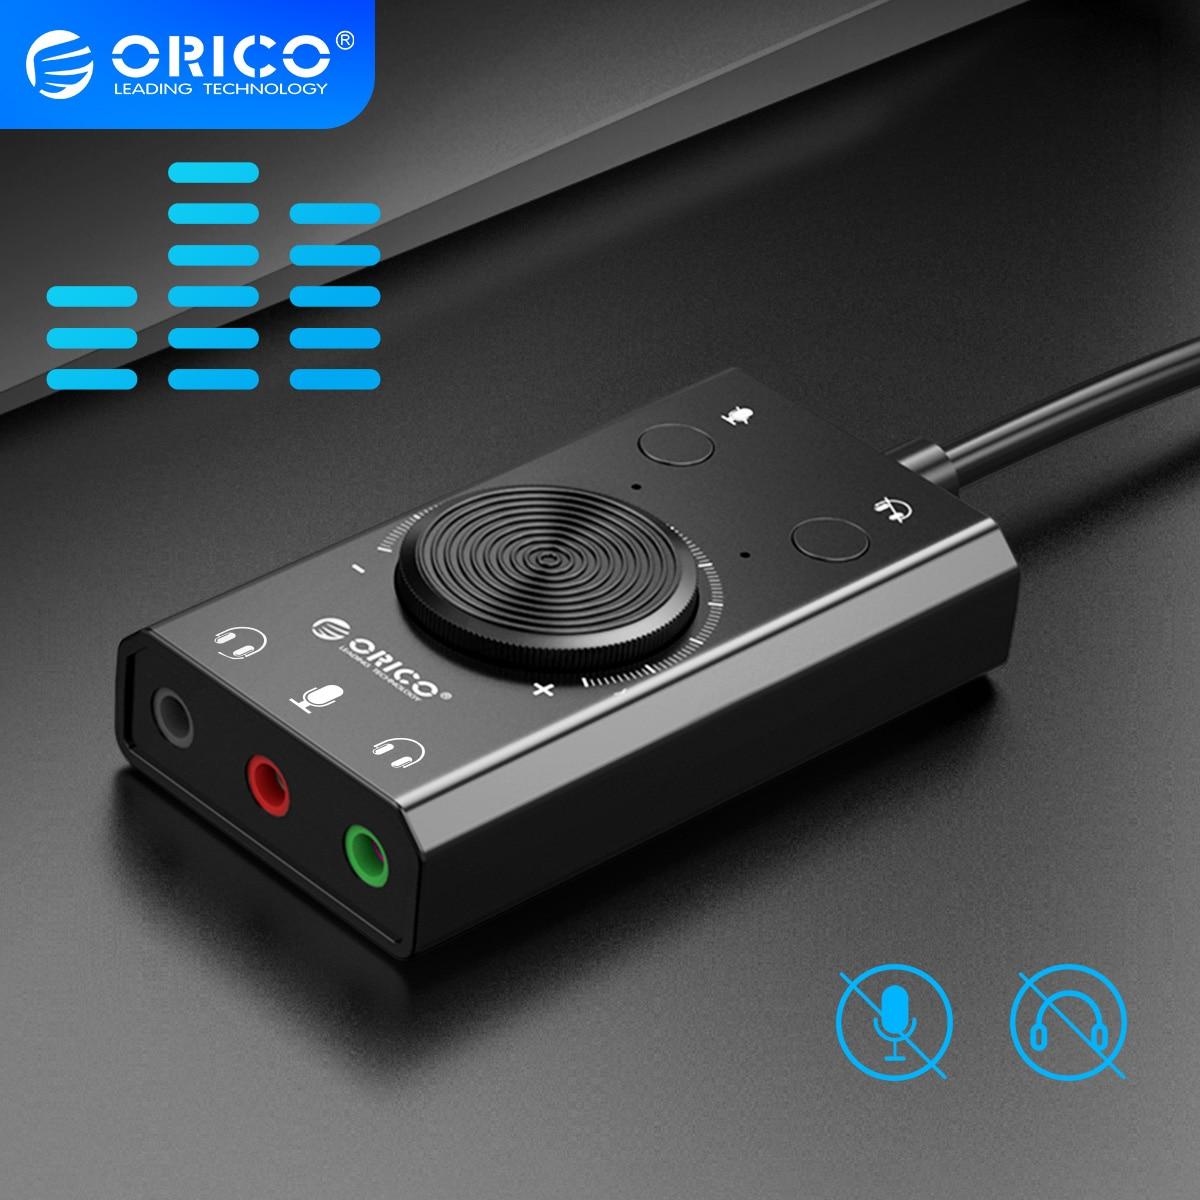 Внешняя звуковая карта ORICO, USB-звуковая карта с 3,5 мм выходами для колонок/наушников и микрофона, с колесом управления громкостью, кнопками от...